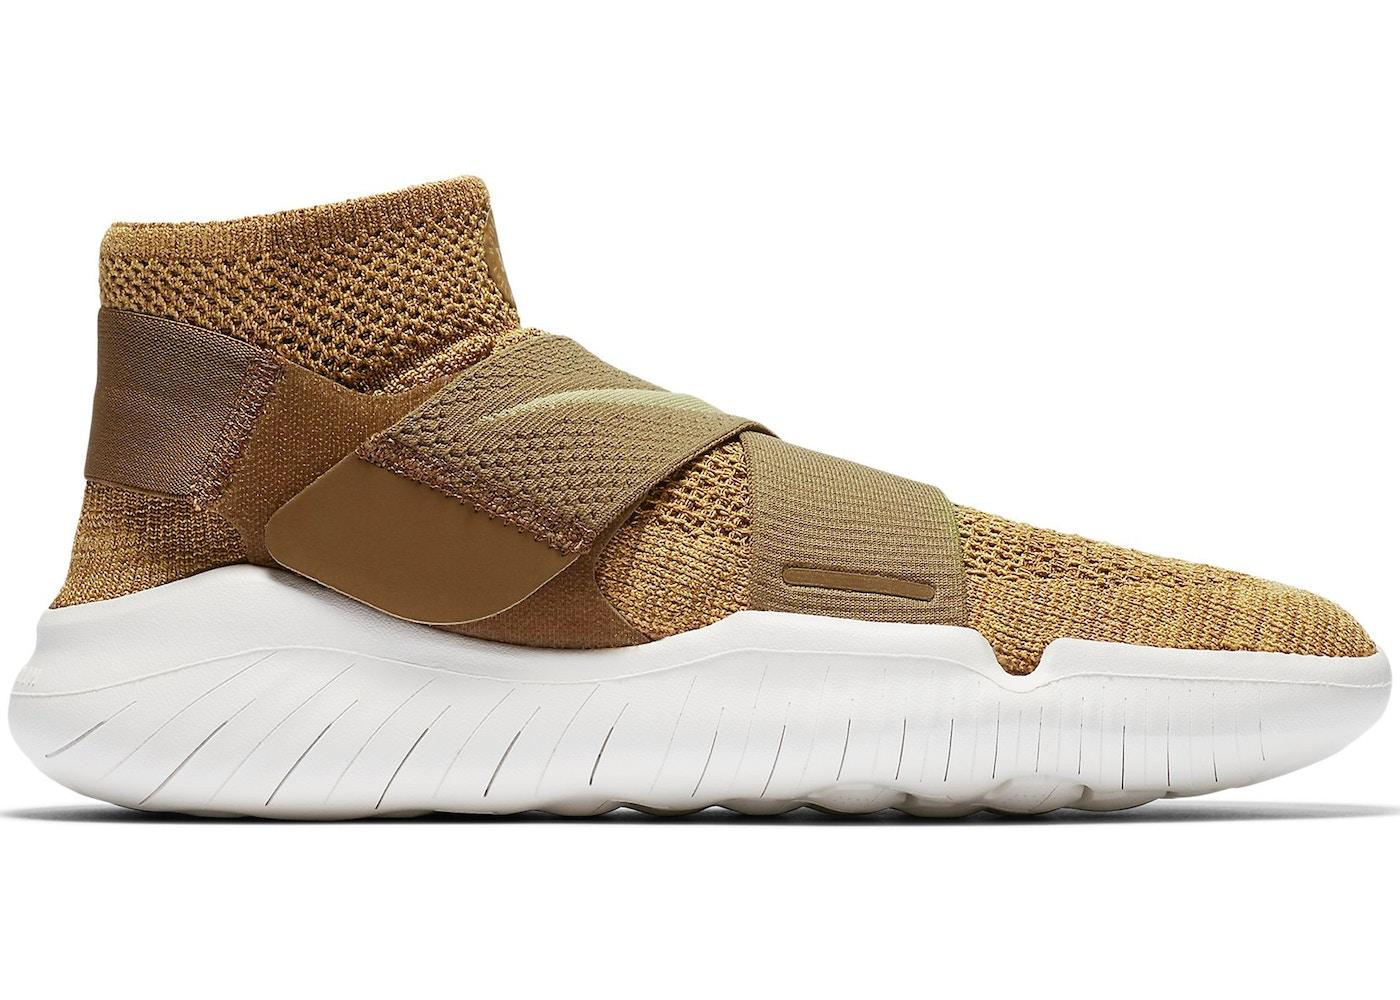 Nike Free RN Motion Flyknit 2018 Golden Beige - 942840-201